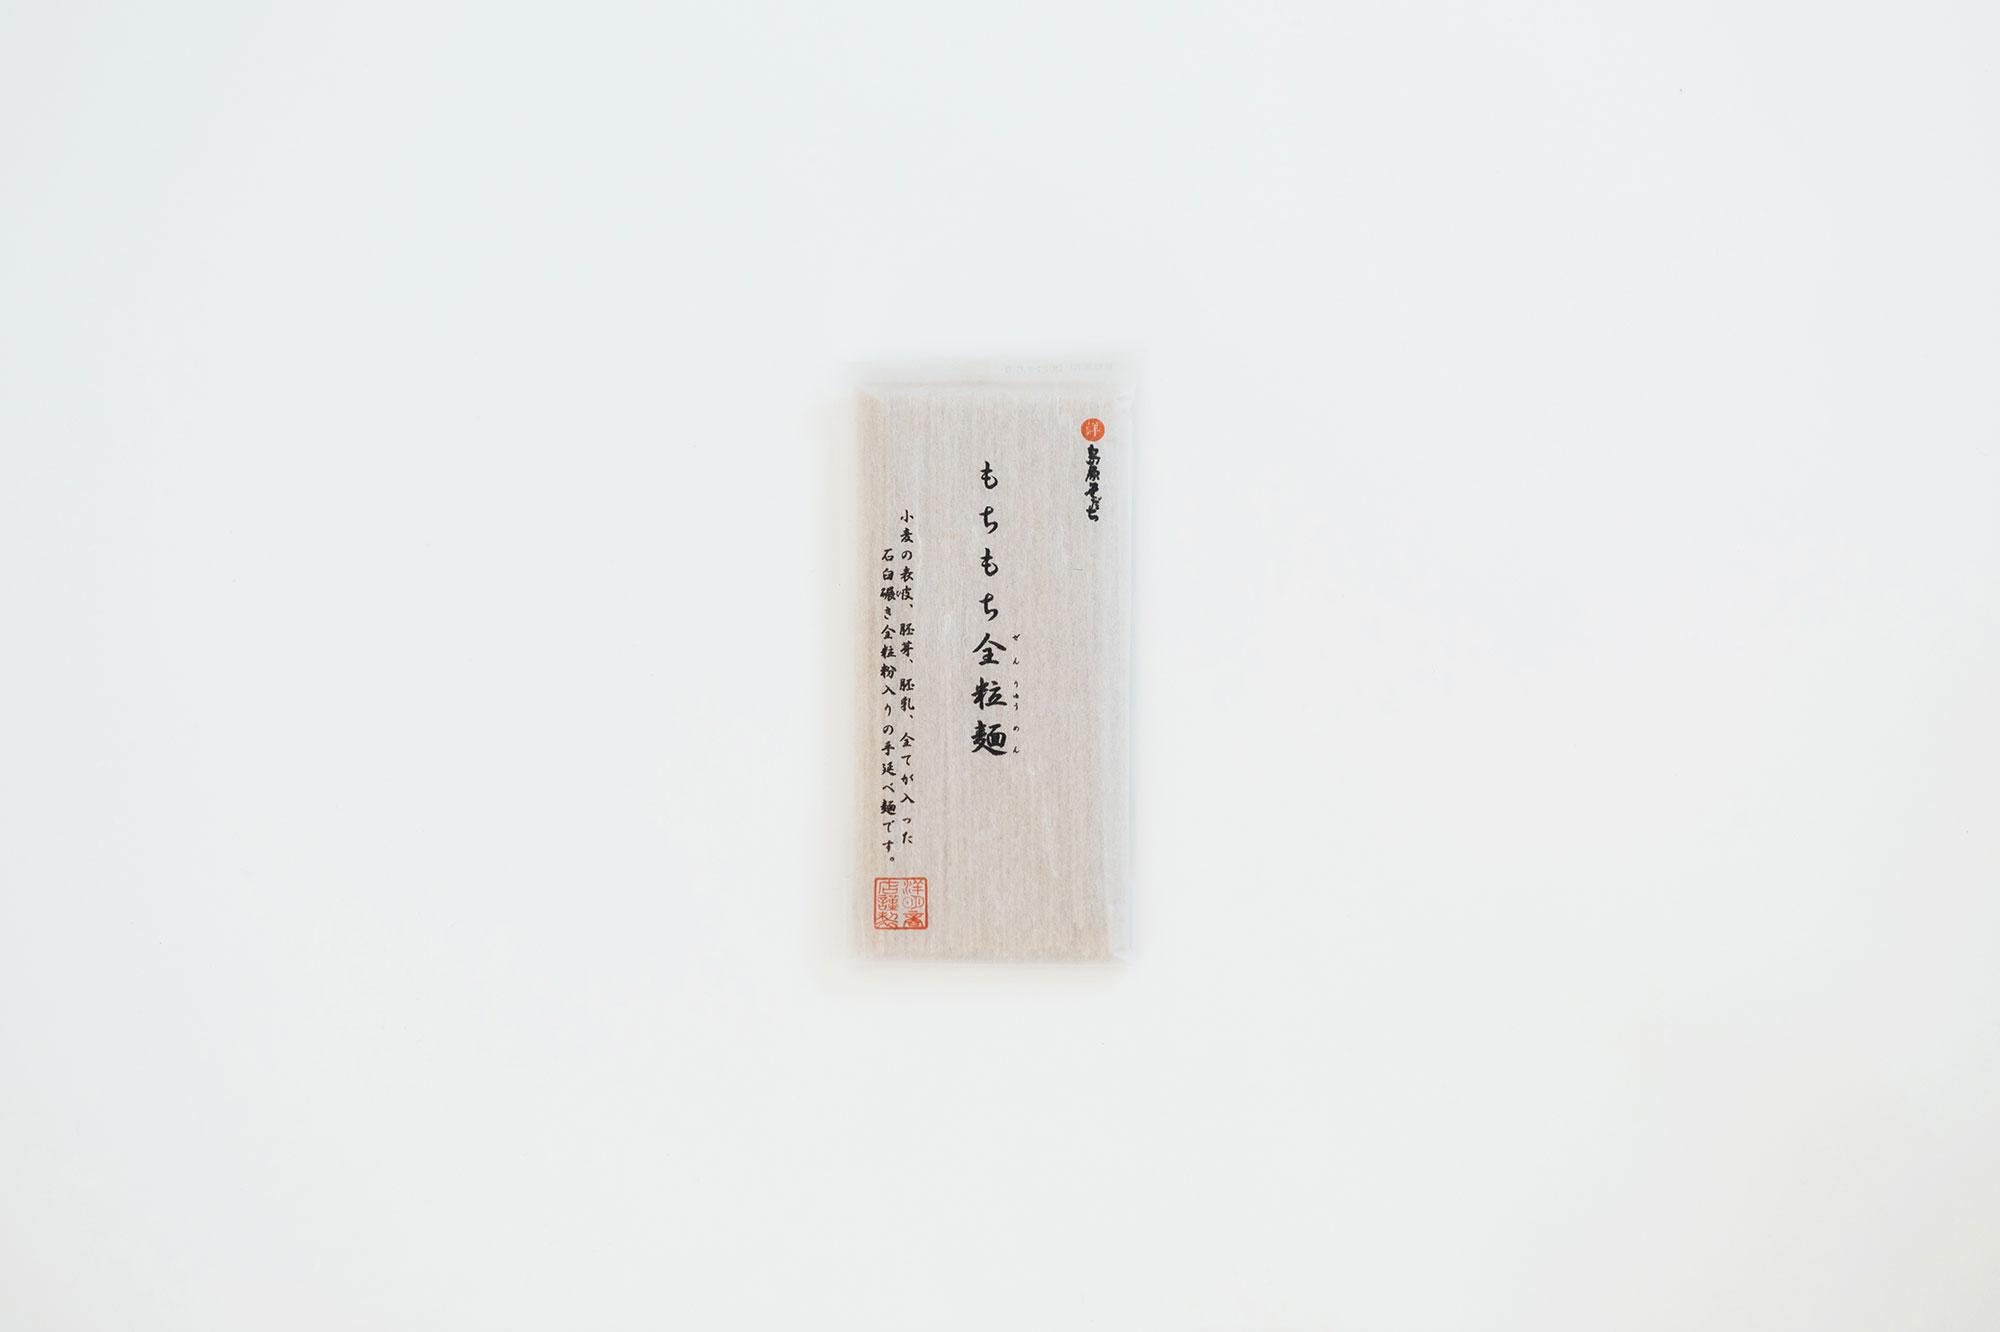 くらすことの夏ギフト B 九州のおいしいもの(めん2種/熟つゆ/そばちょこ2個)